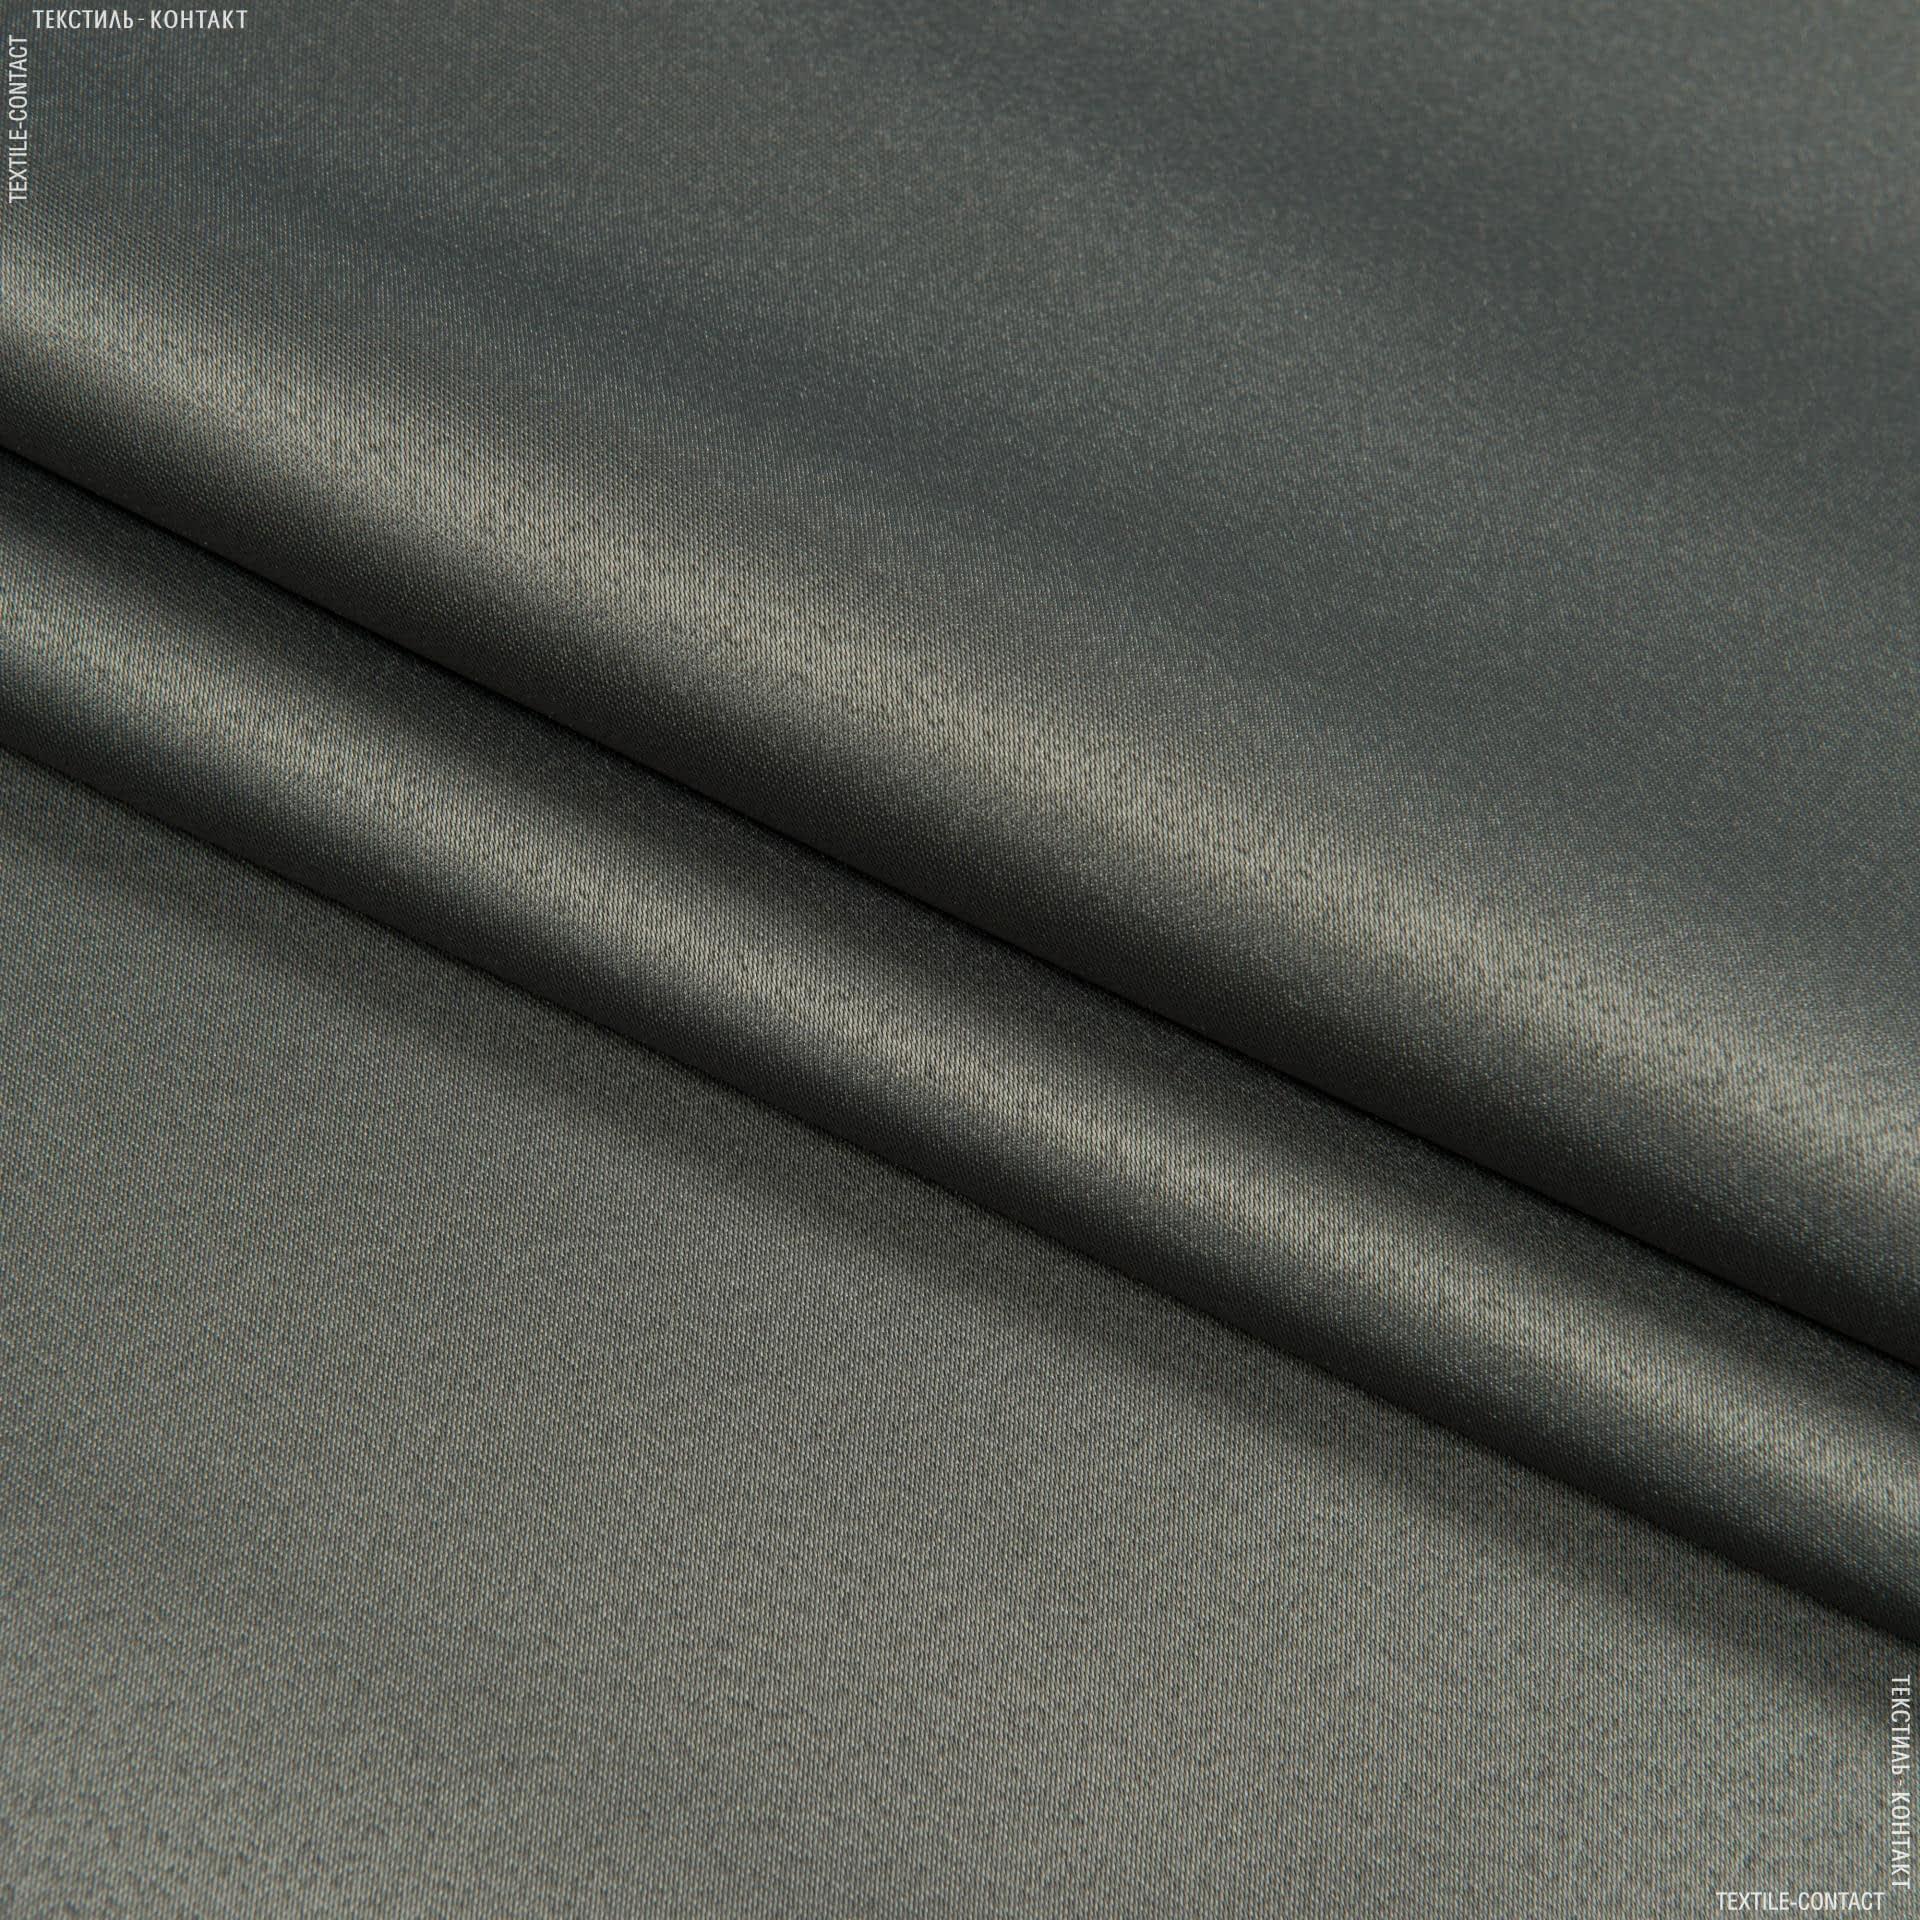 Тканини портьєрні тканини - Декоративний атлас Дека / DECA графіт